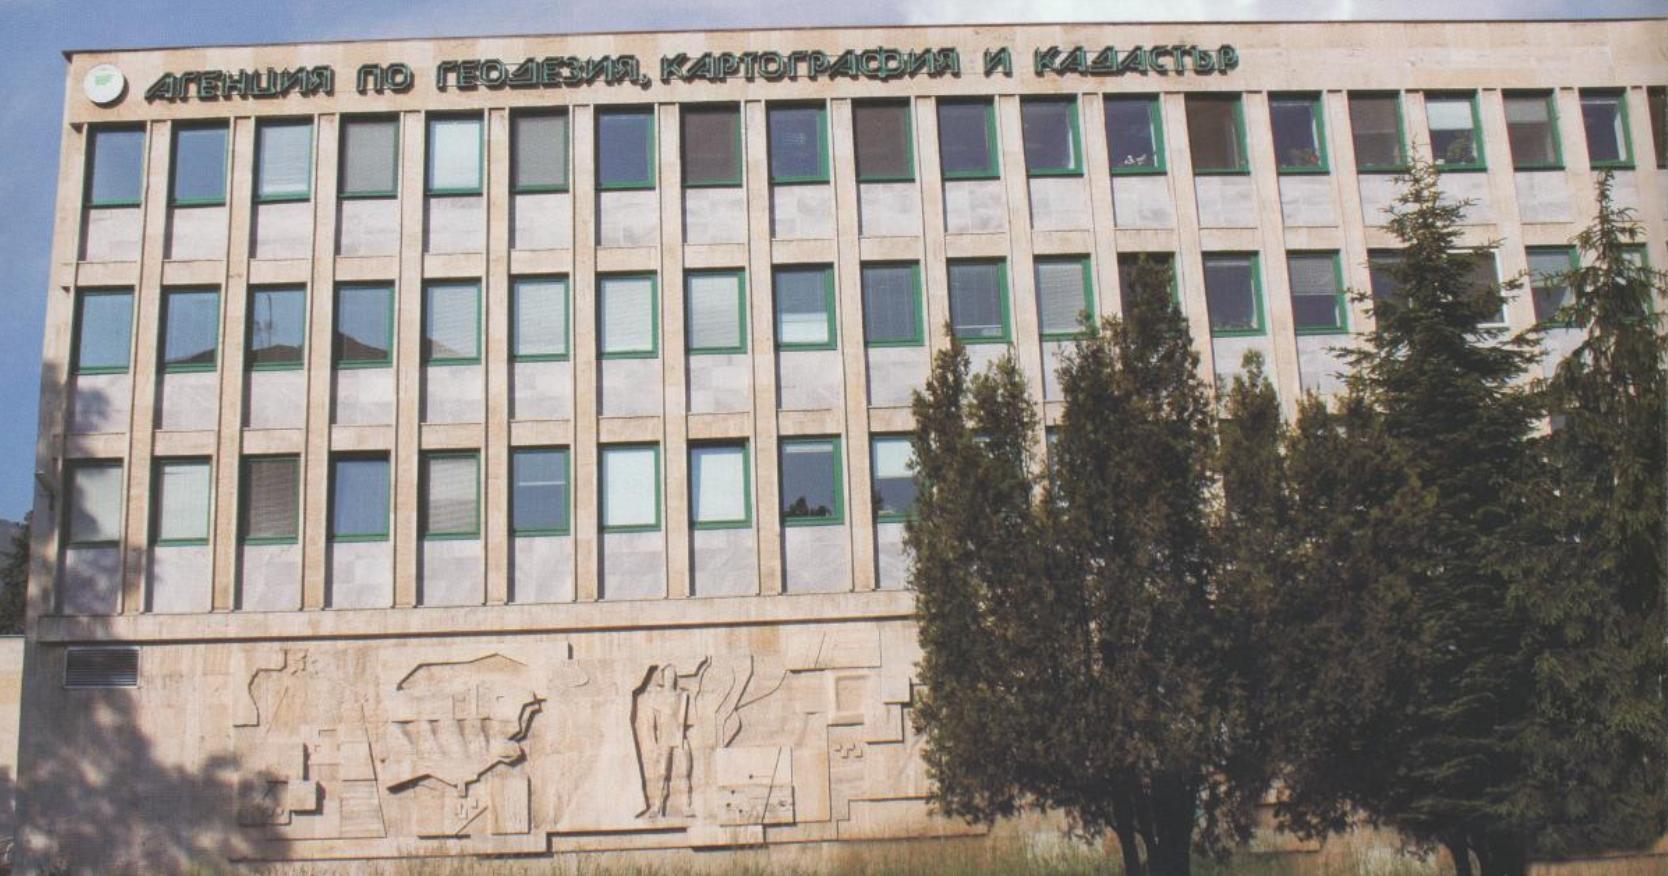 АГКК обяви конкурси за експерти